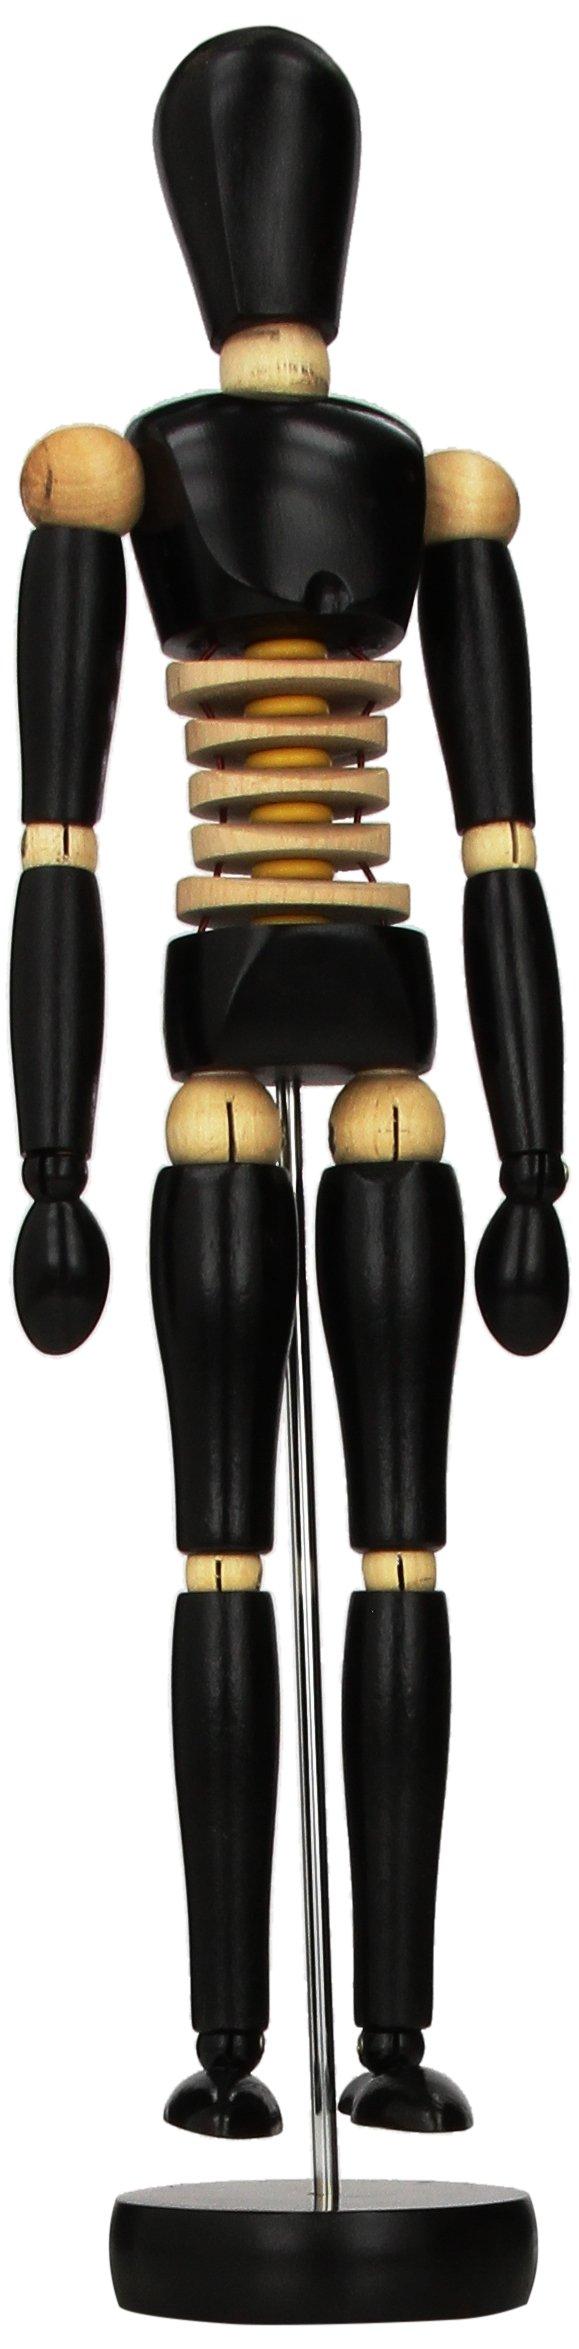 Prima 12-Inch Male Manikin, Black by Prima